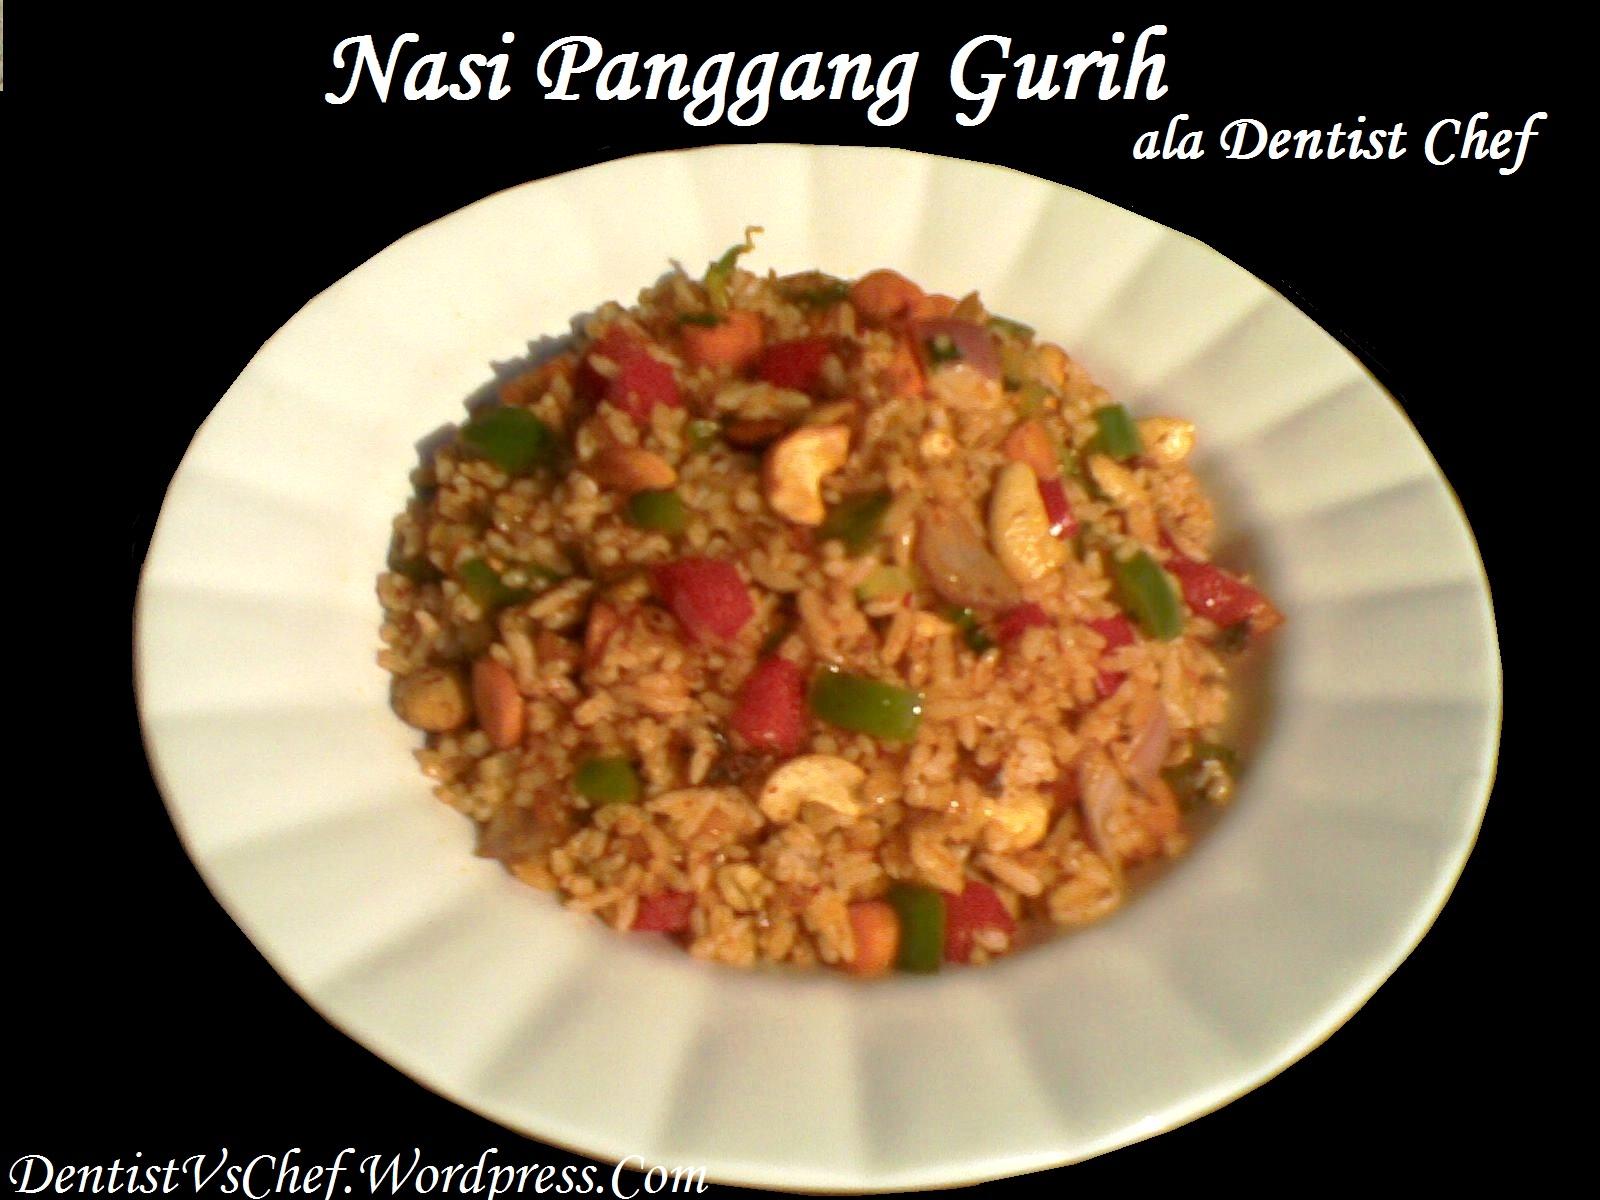 resep ayam chicken resep chinese food resep sarapan breakfast resep ...